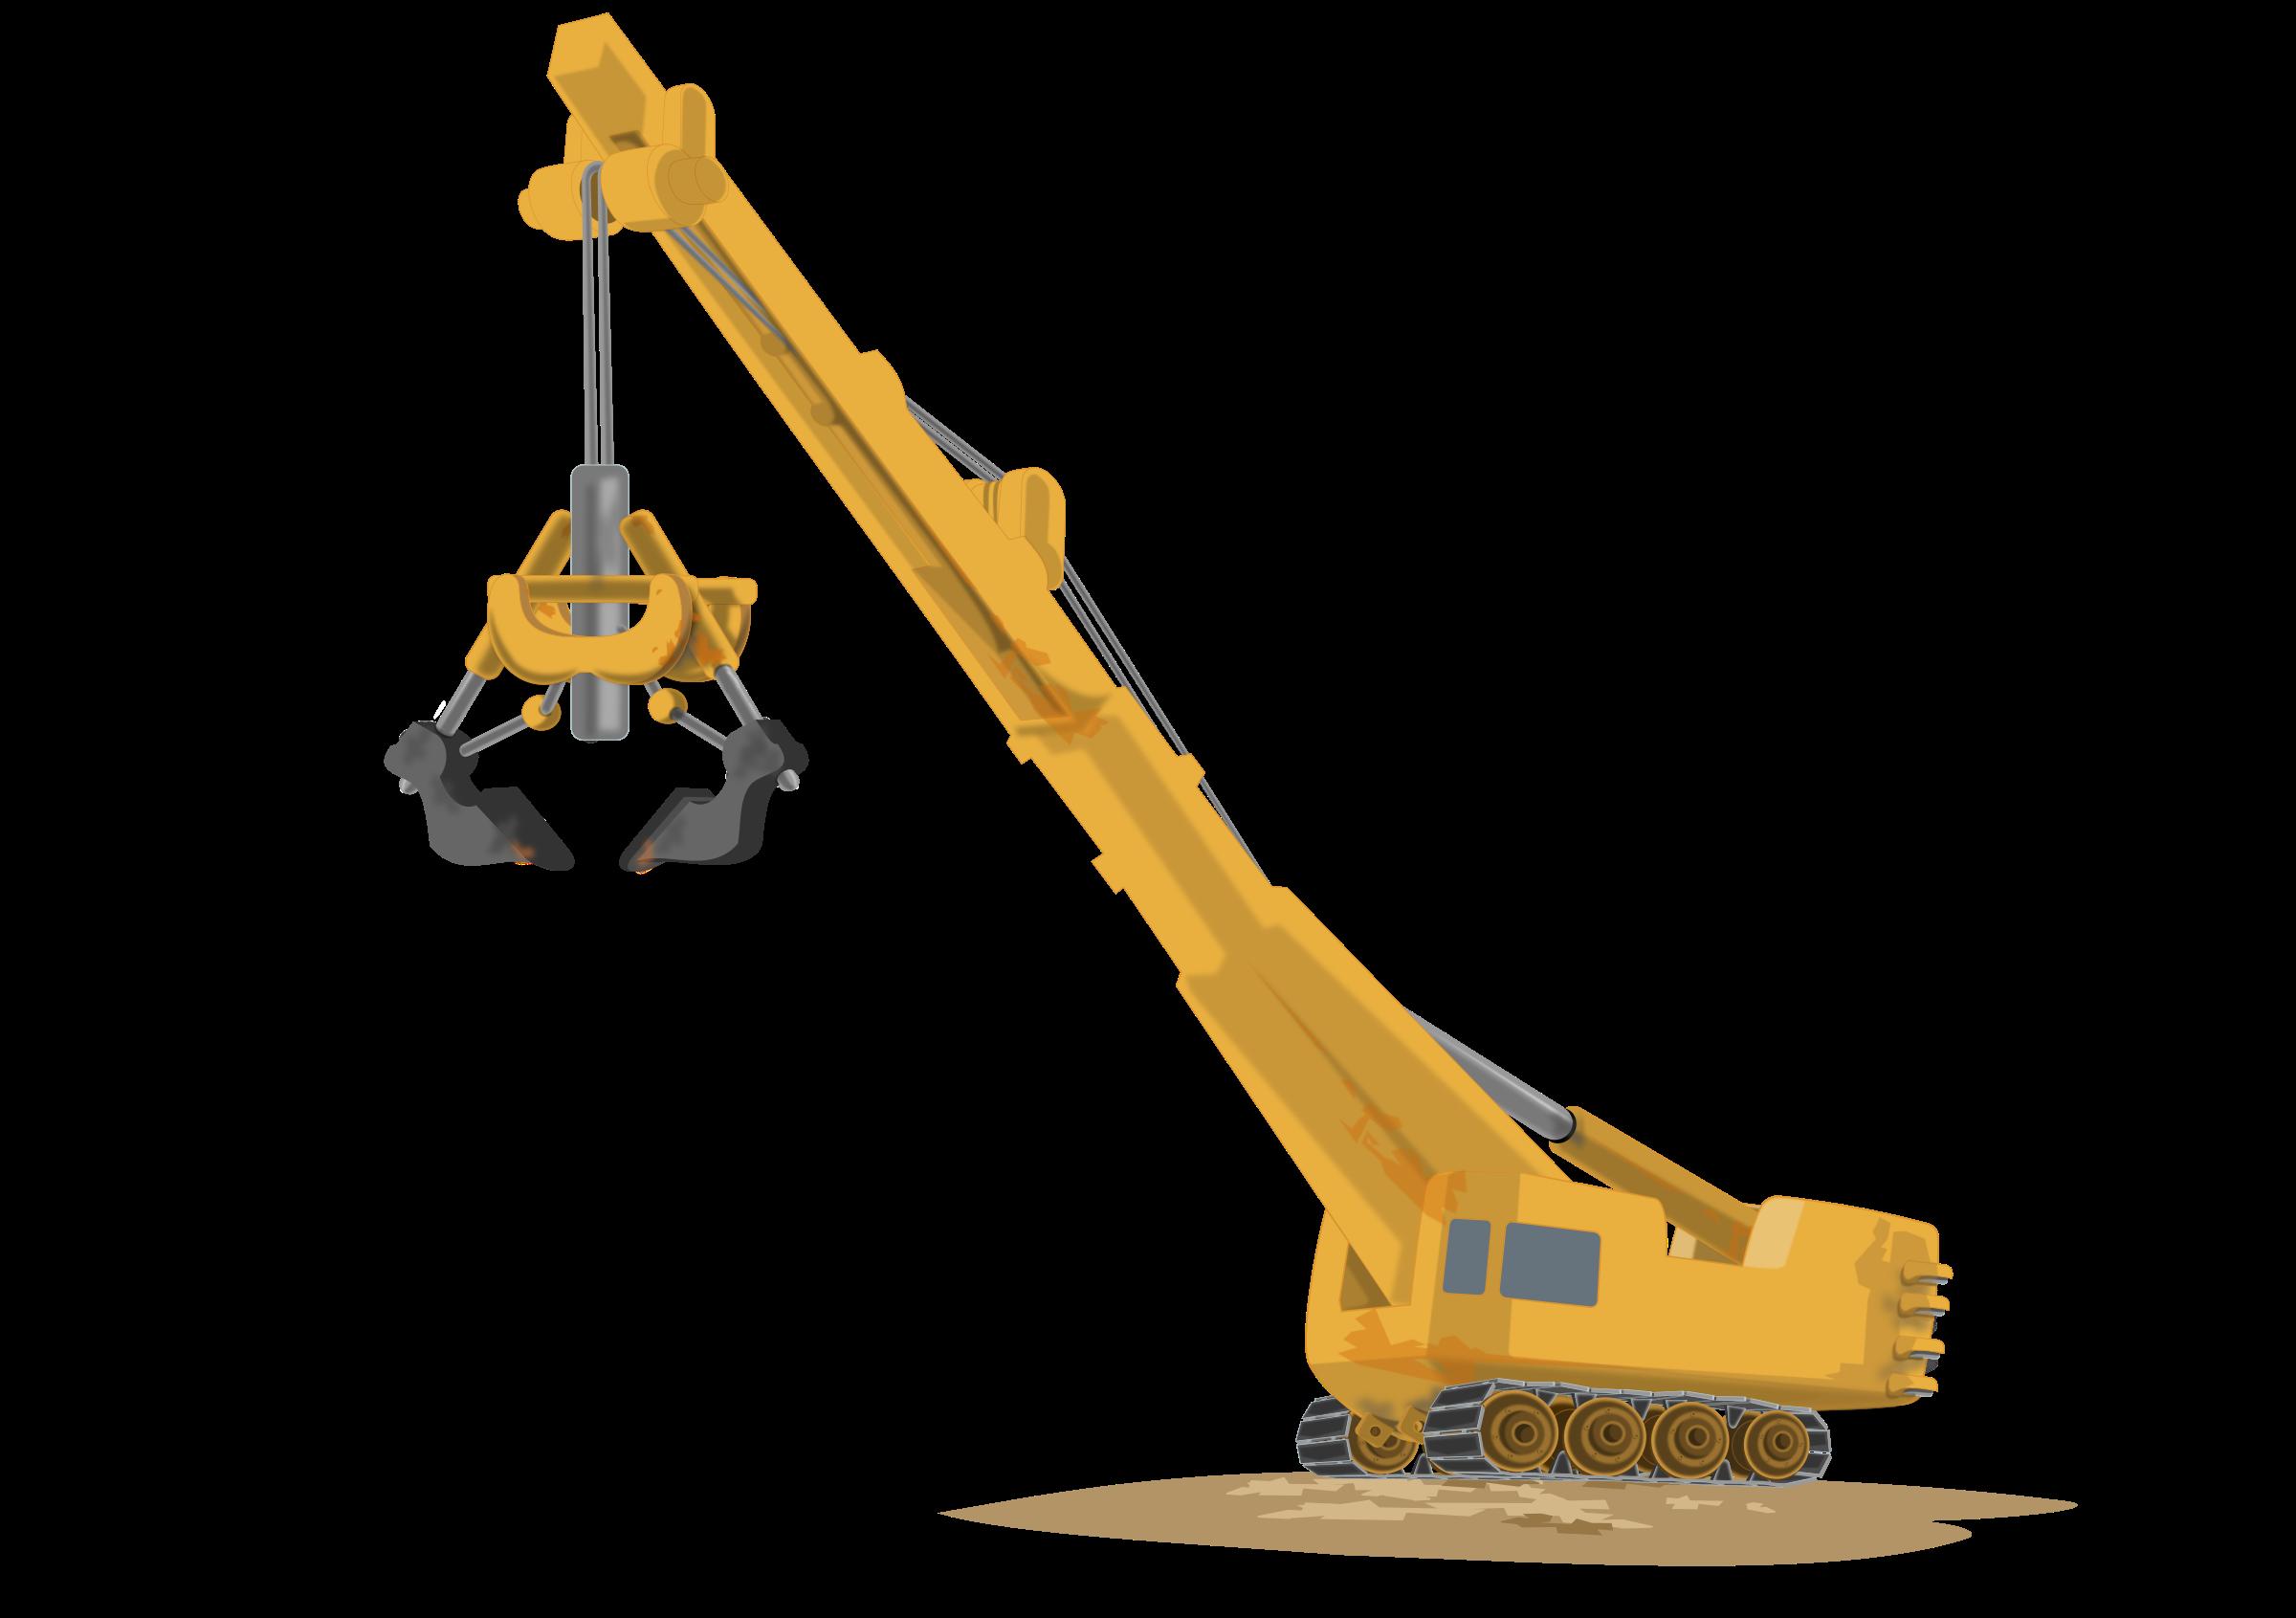 Construction clipart transparent background. Crane png image purepng